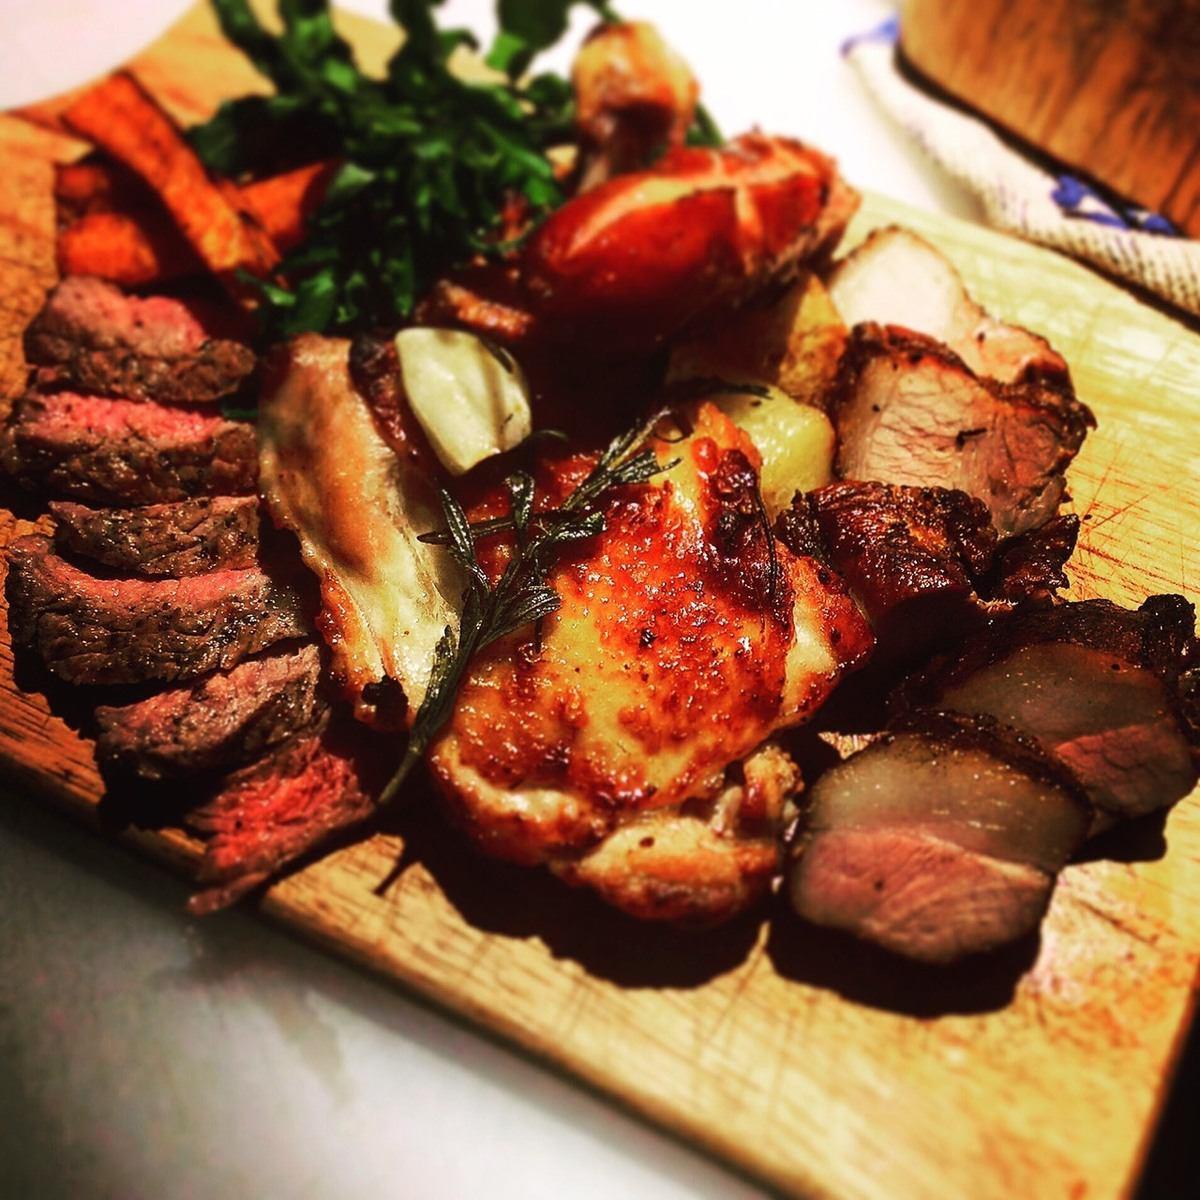 您可以在開放式廚房的蔬菜和烤牛排用木炭充分!